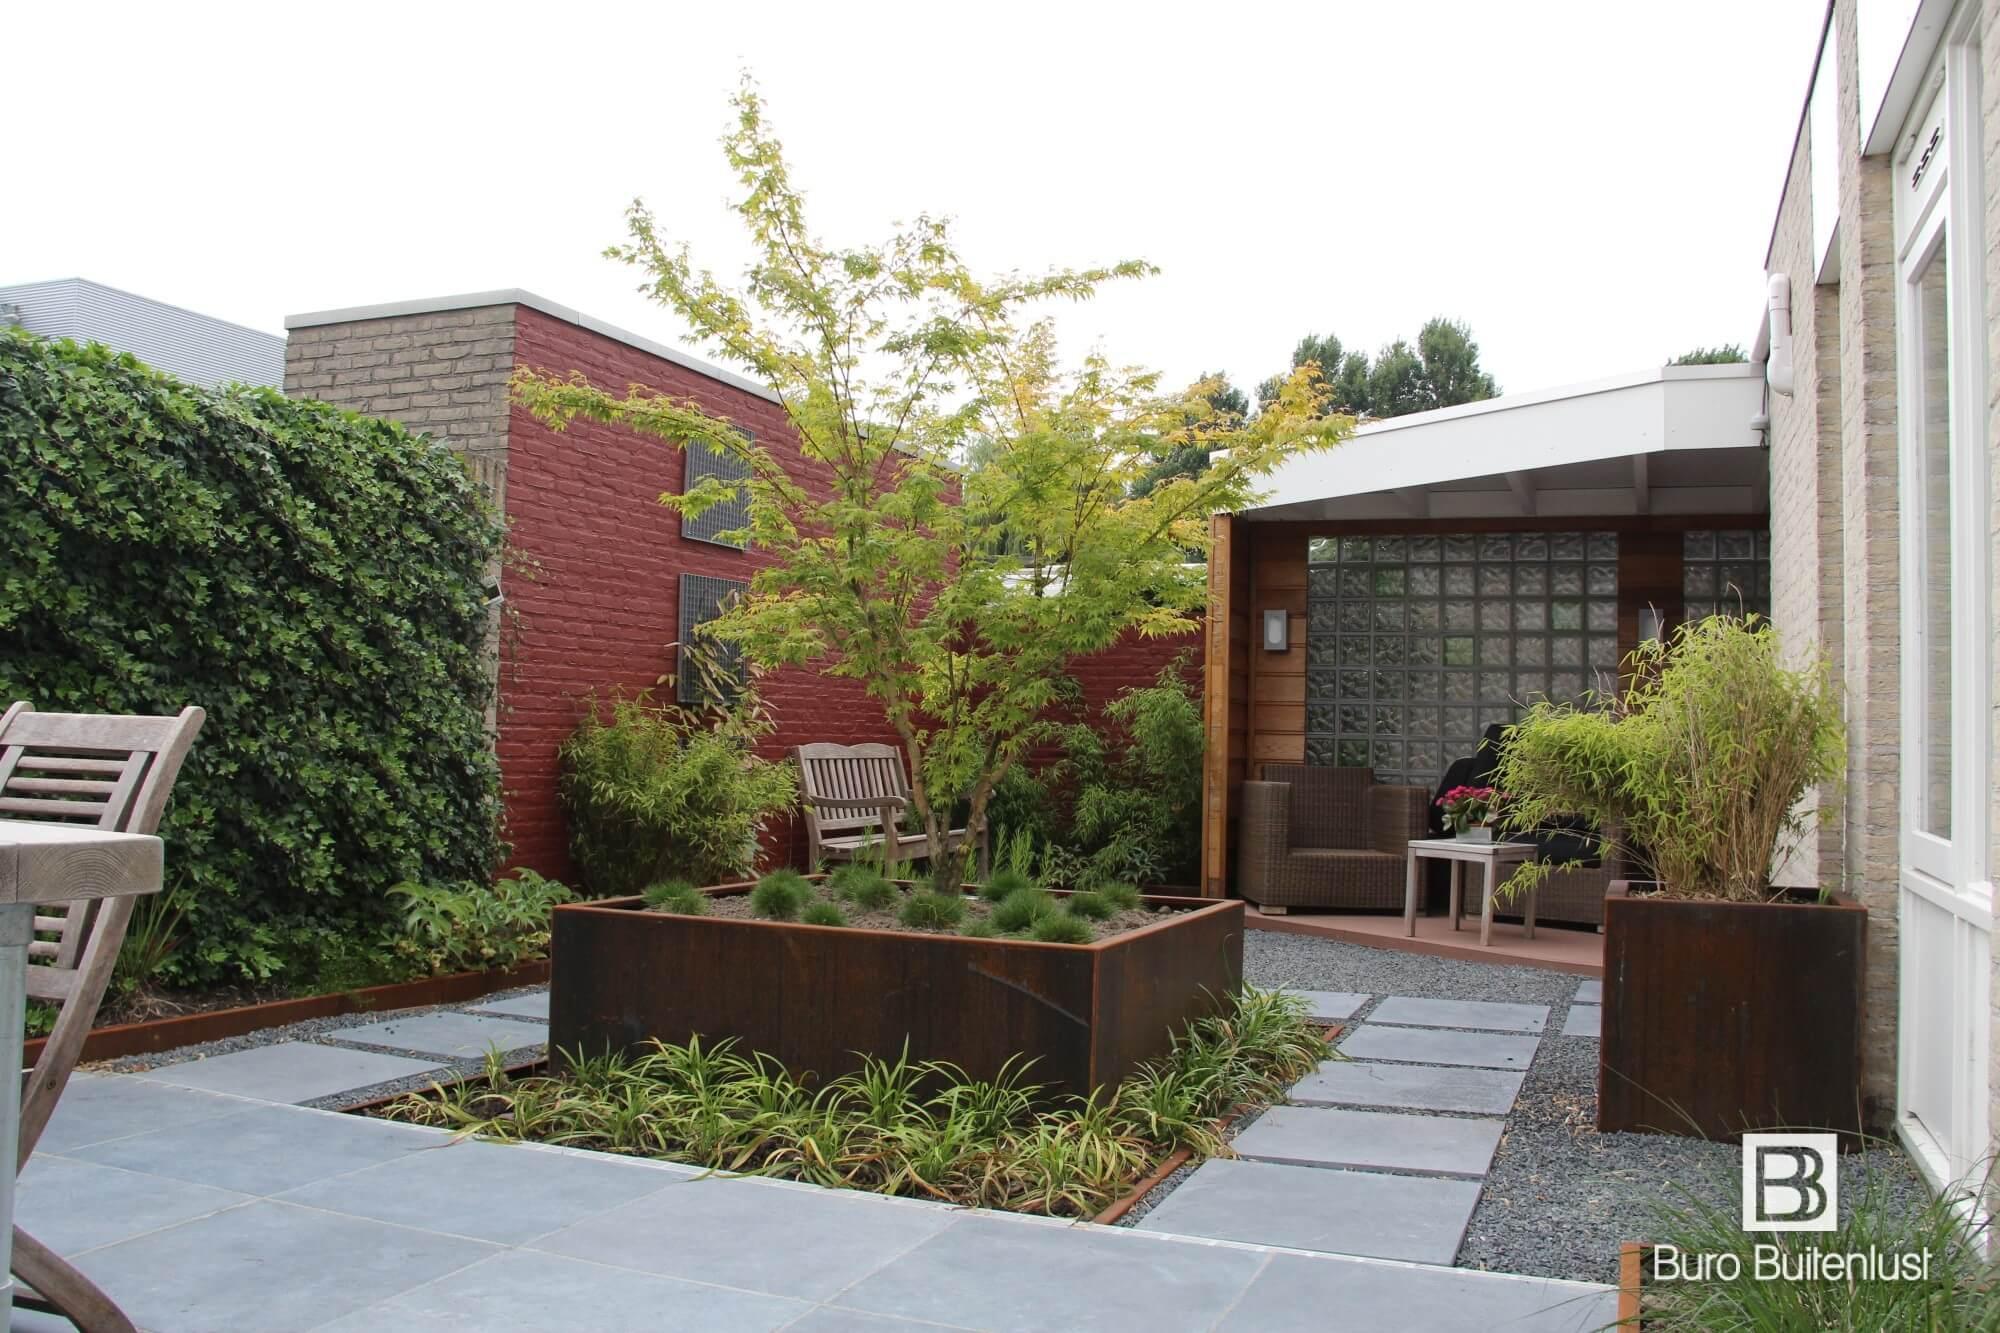 Tuinontwerp Kleine Tuin : Tuinontwerp onderhoudsvriendelijke tuin zorgeloos genieten van